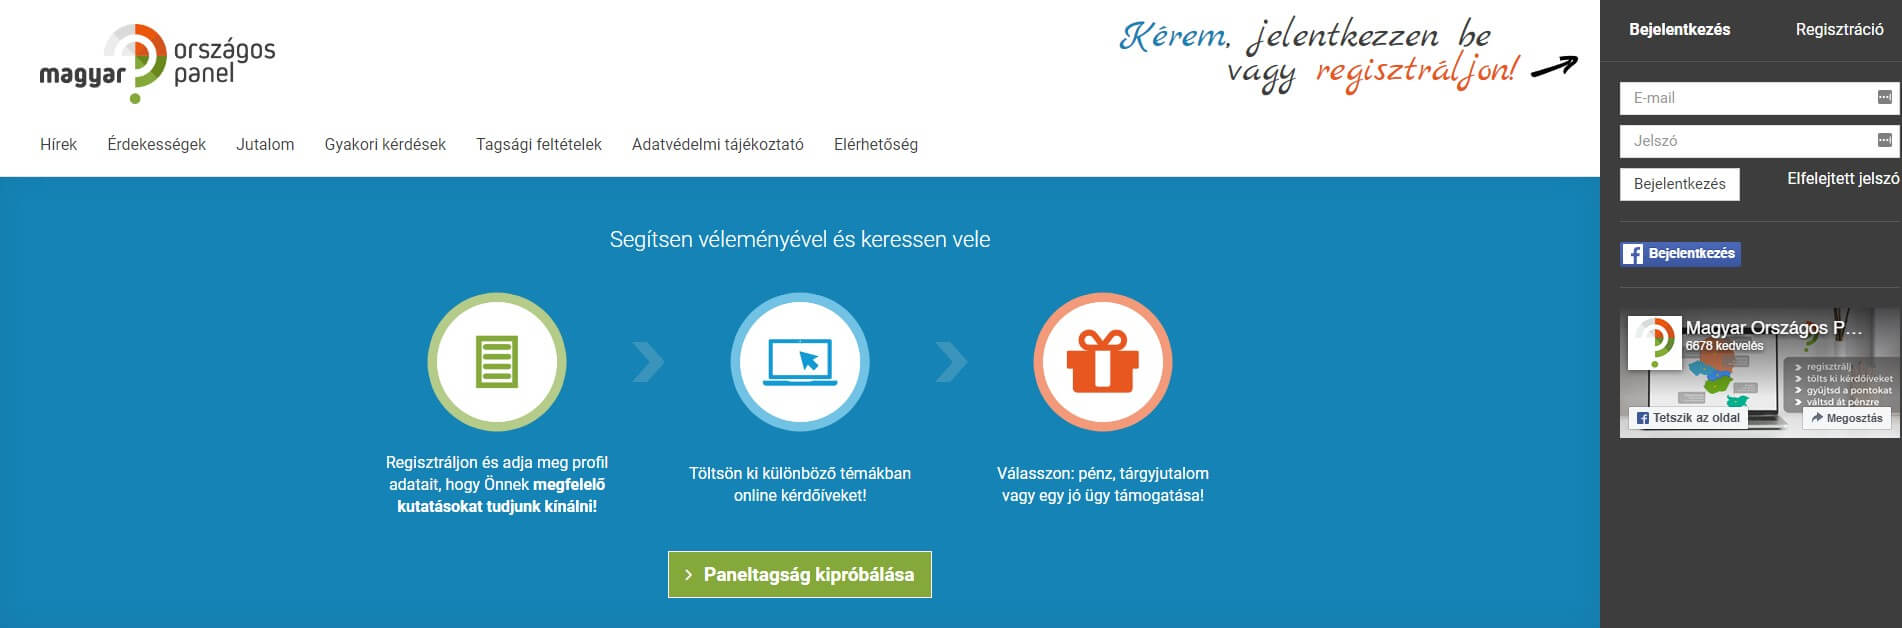 webhelyek listája gyors pénz az interneten